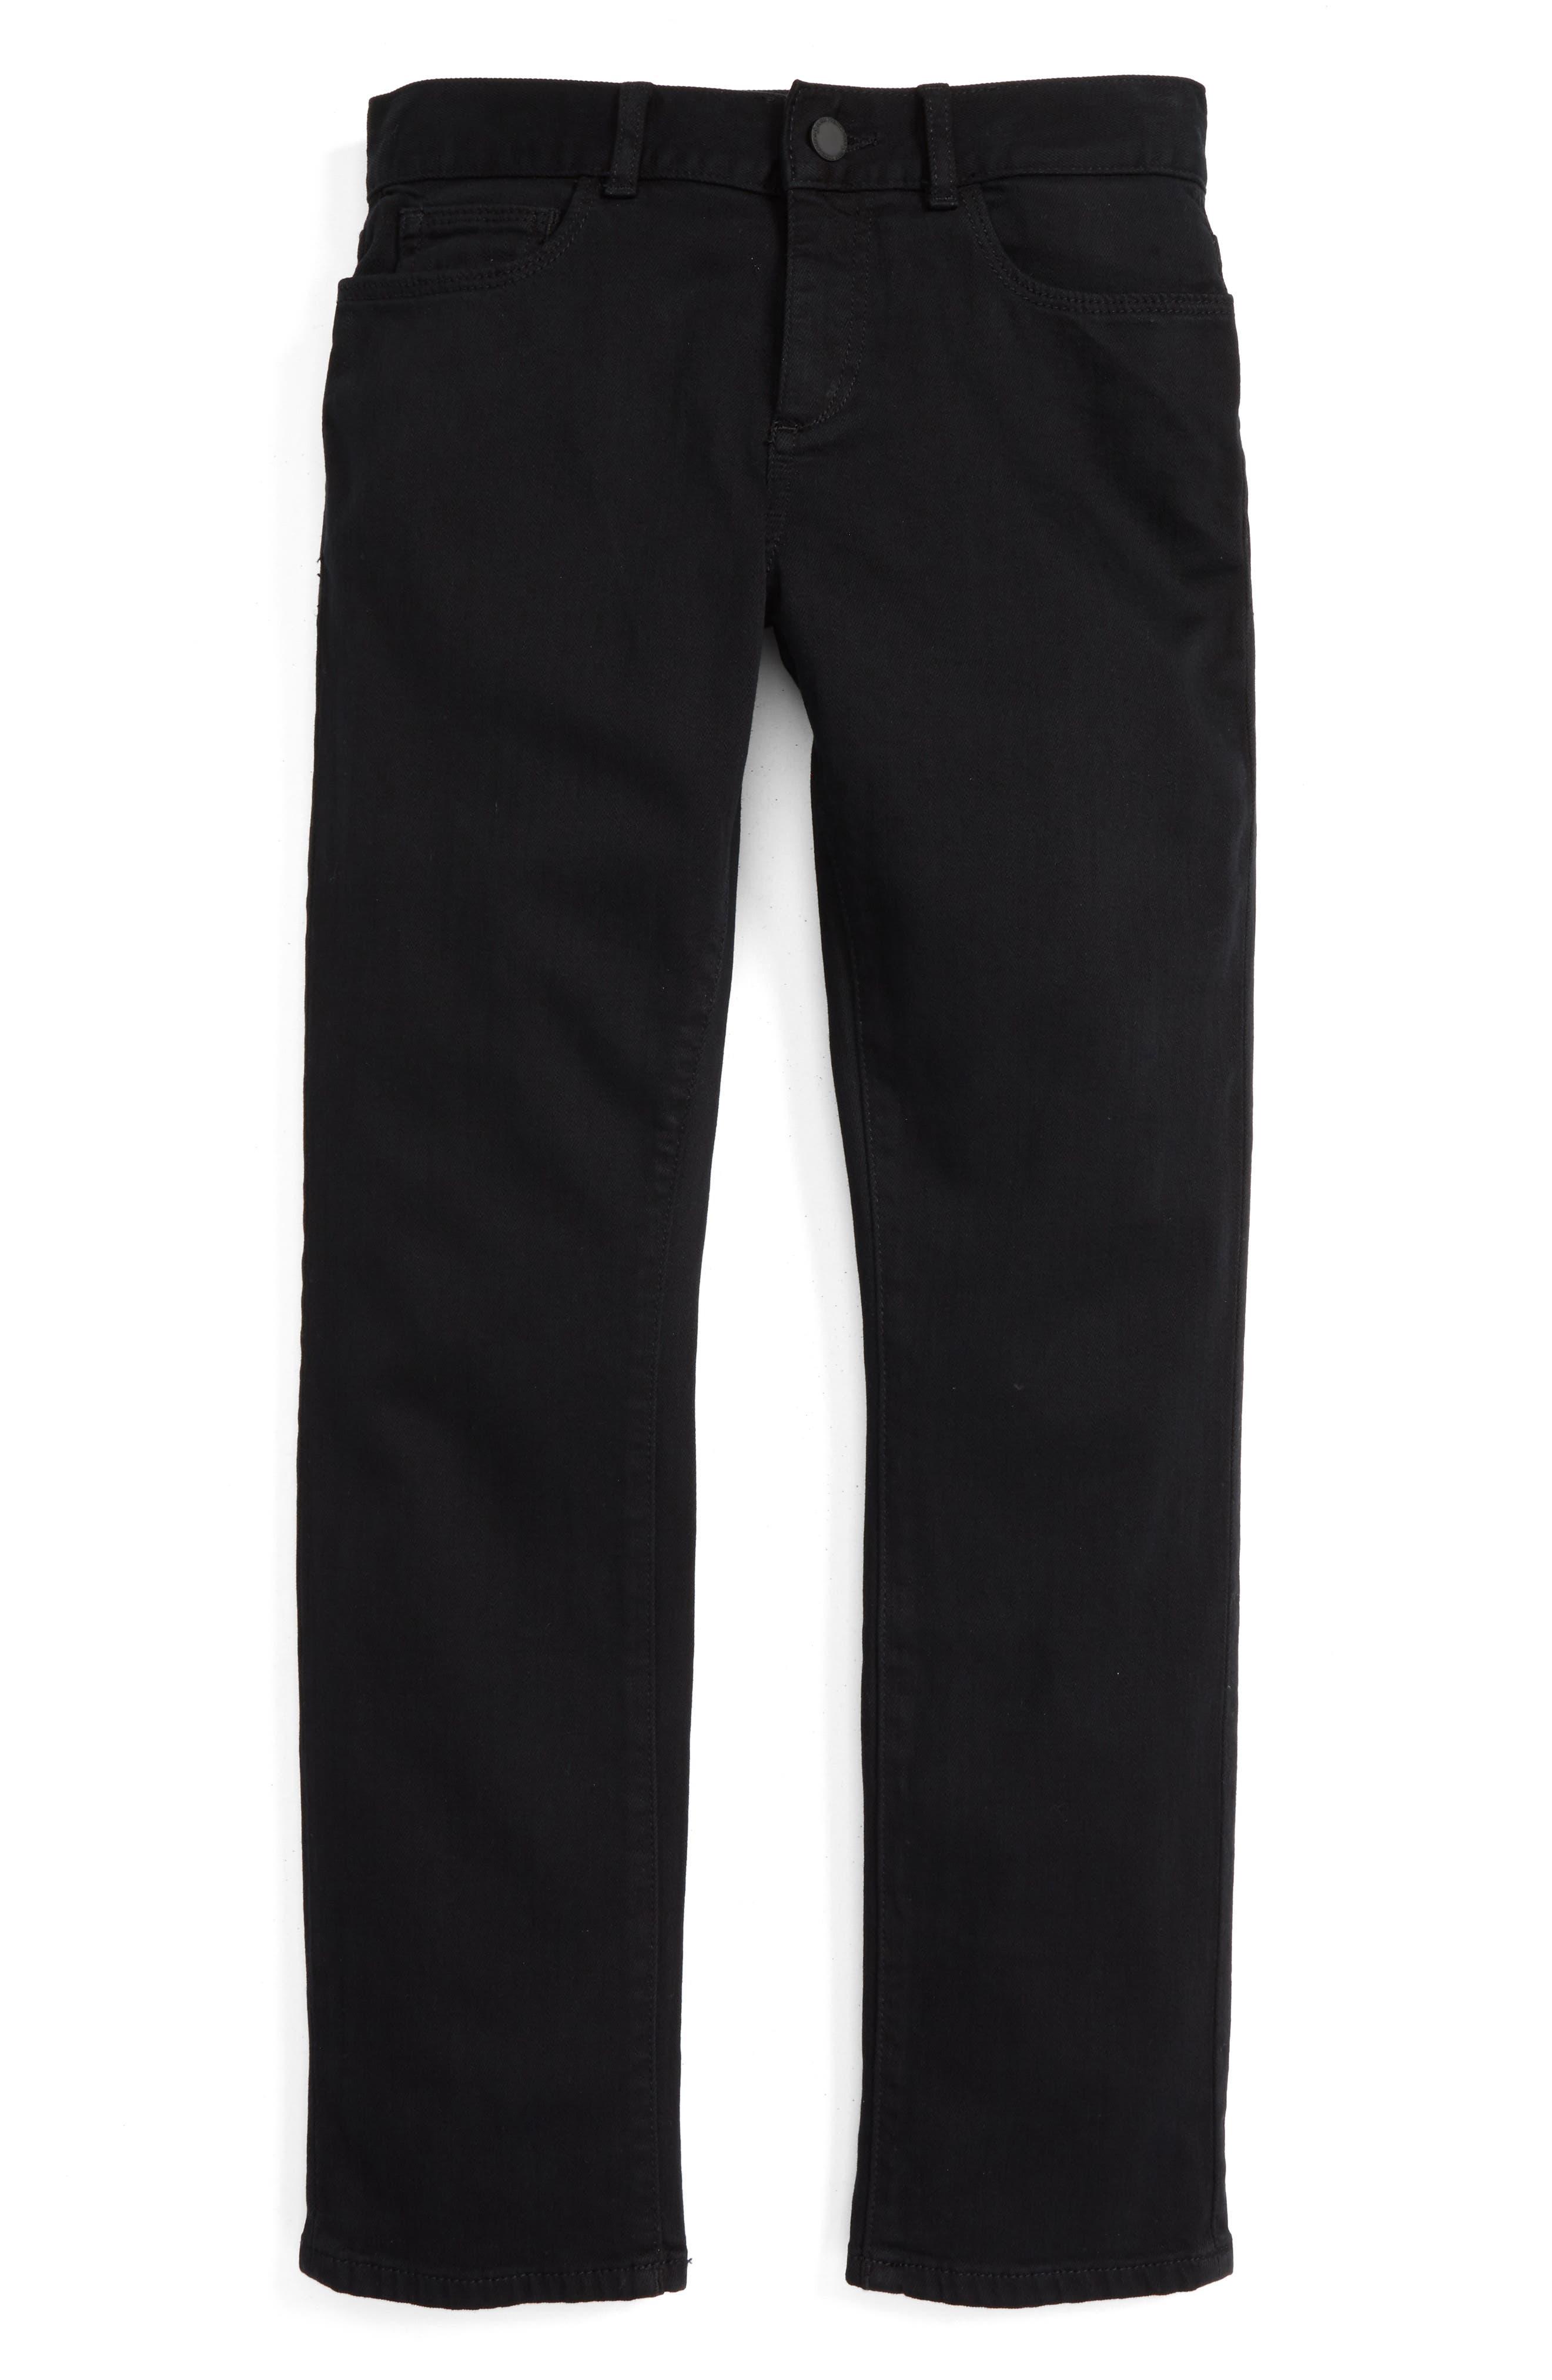 DL1961 Brady Slim Fit Jeans (Big Boys)